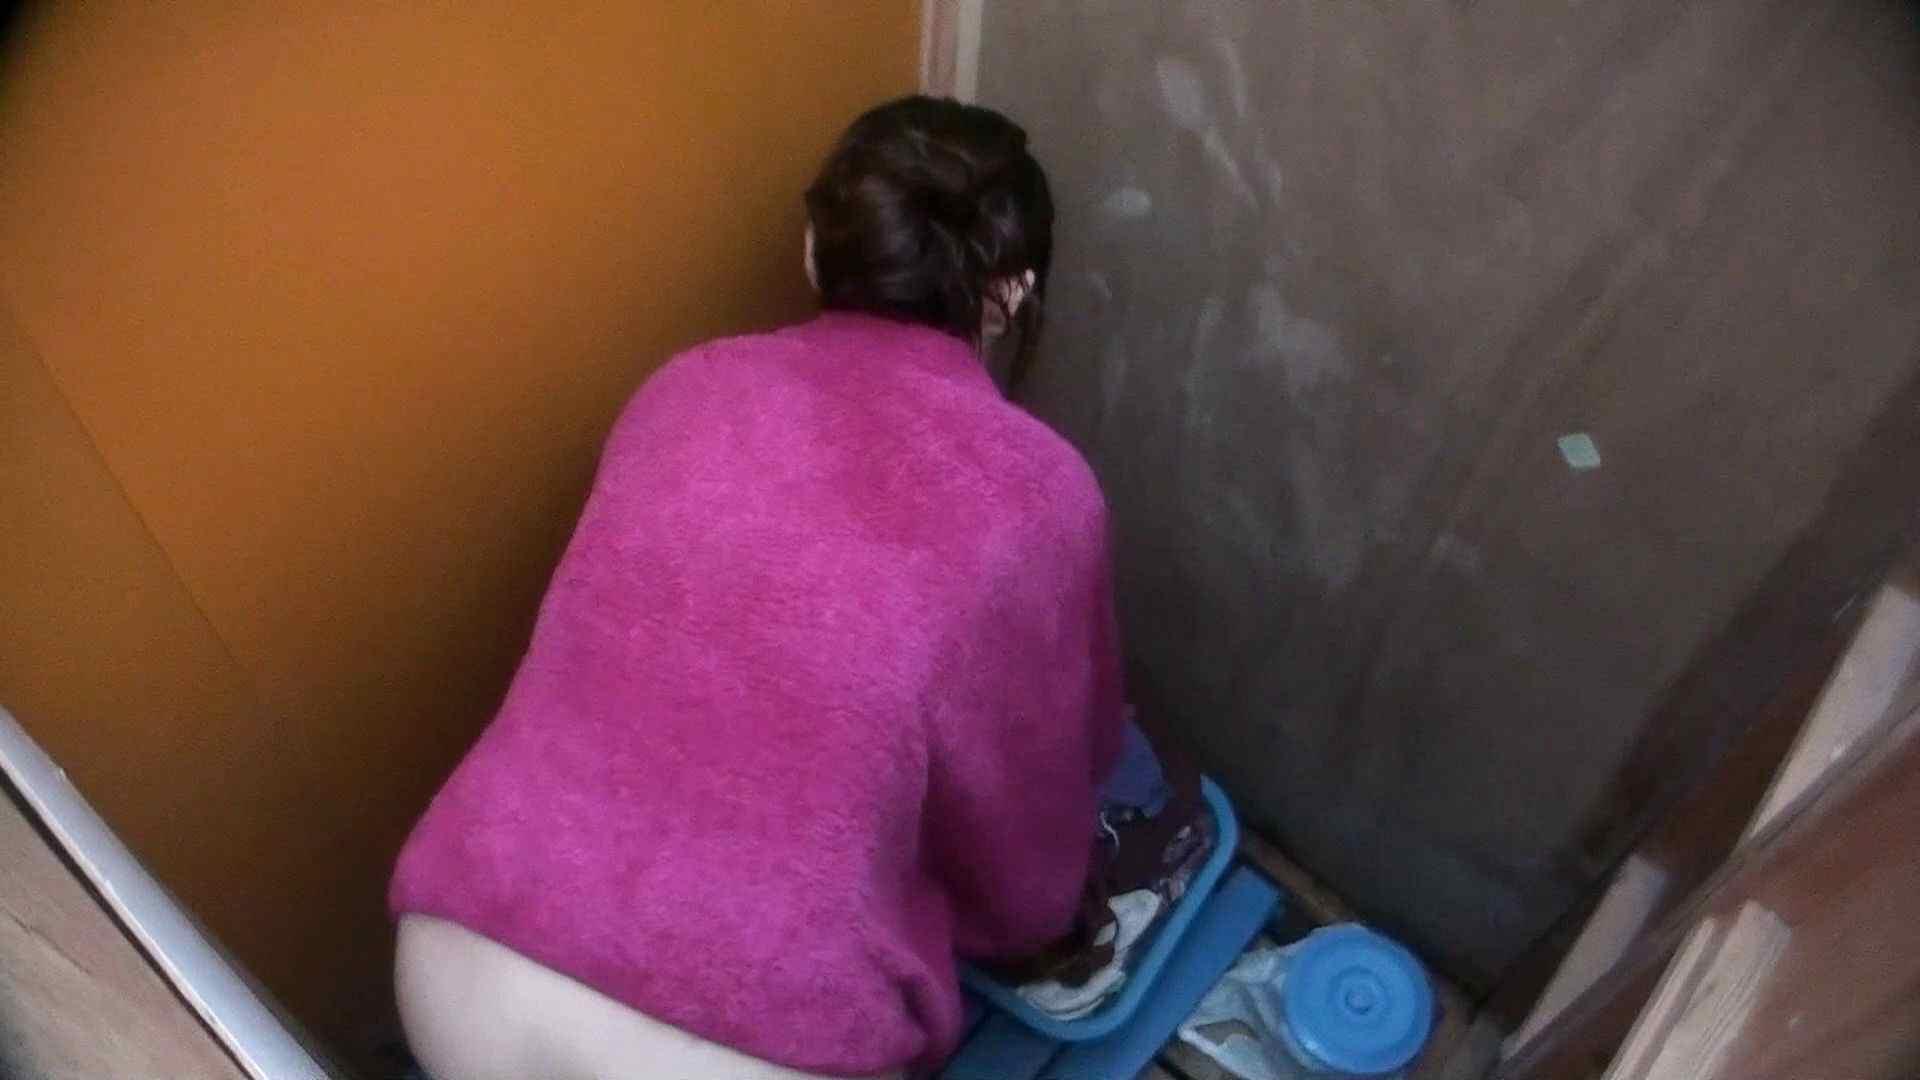 シャワールームは超!!危険な香りVol.29 こっちを向いて欲しい貧乳姉さん 高画質 | シャワー  78pic 29